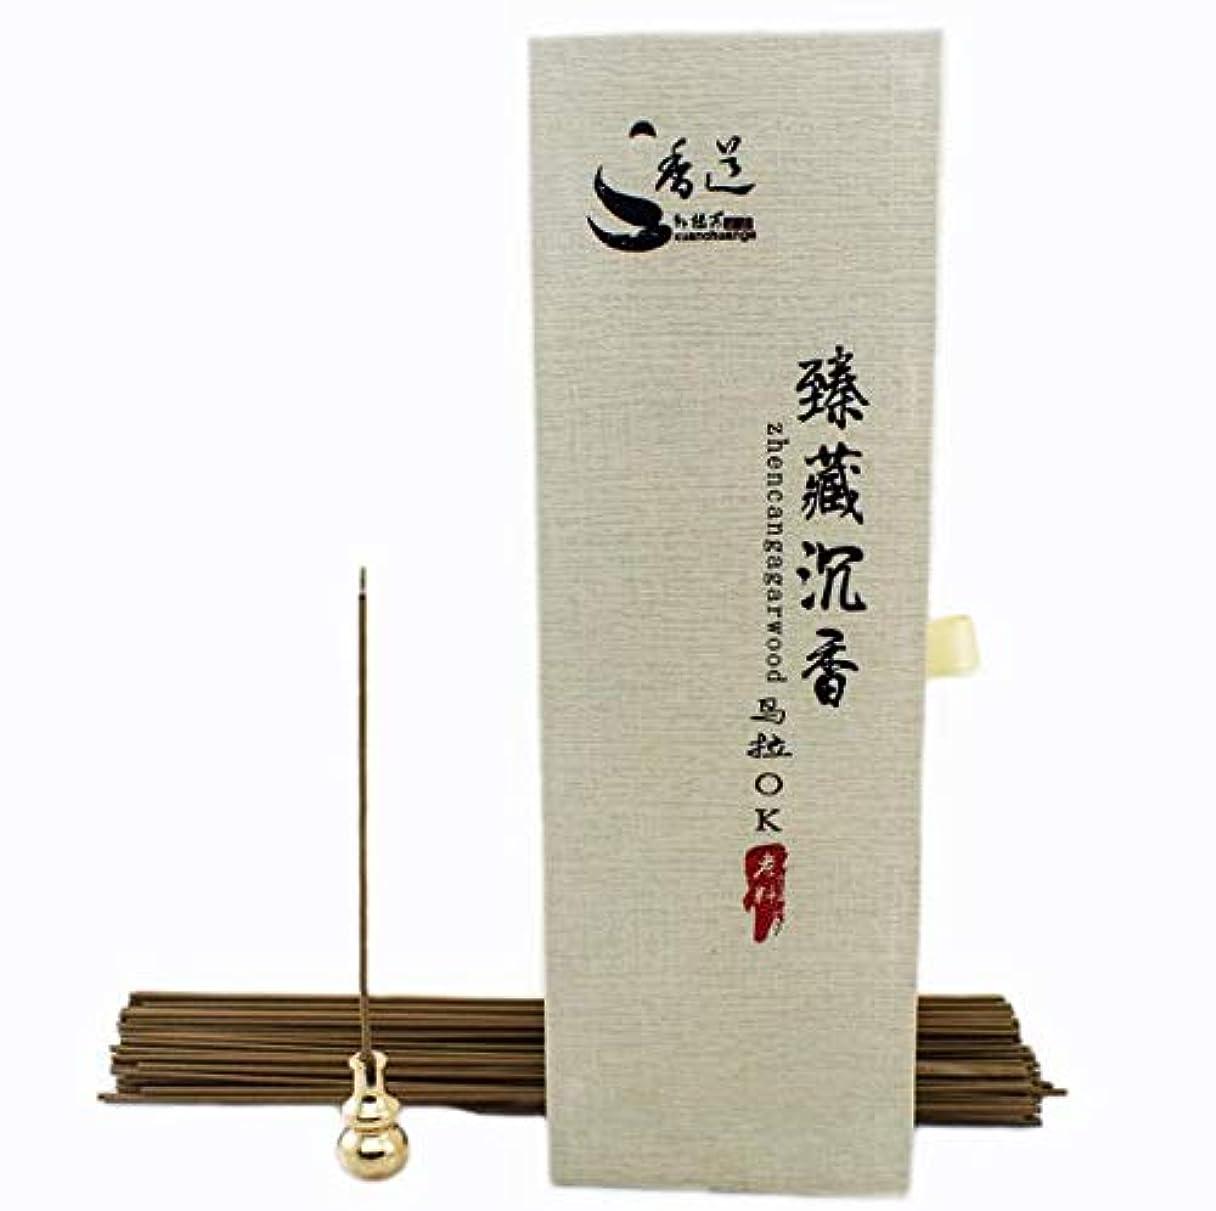 つば机老人お香のサポート、銅の香バーナー、風水の装飾、オフィステーブルのための中空牡丹レリーフ、ホームデコ,Incense*2B